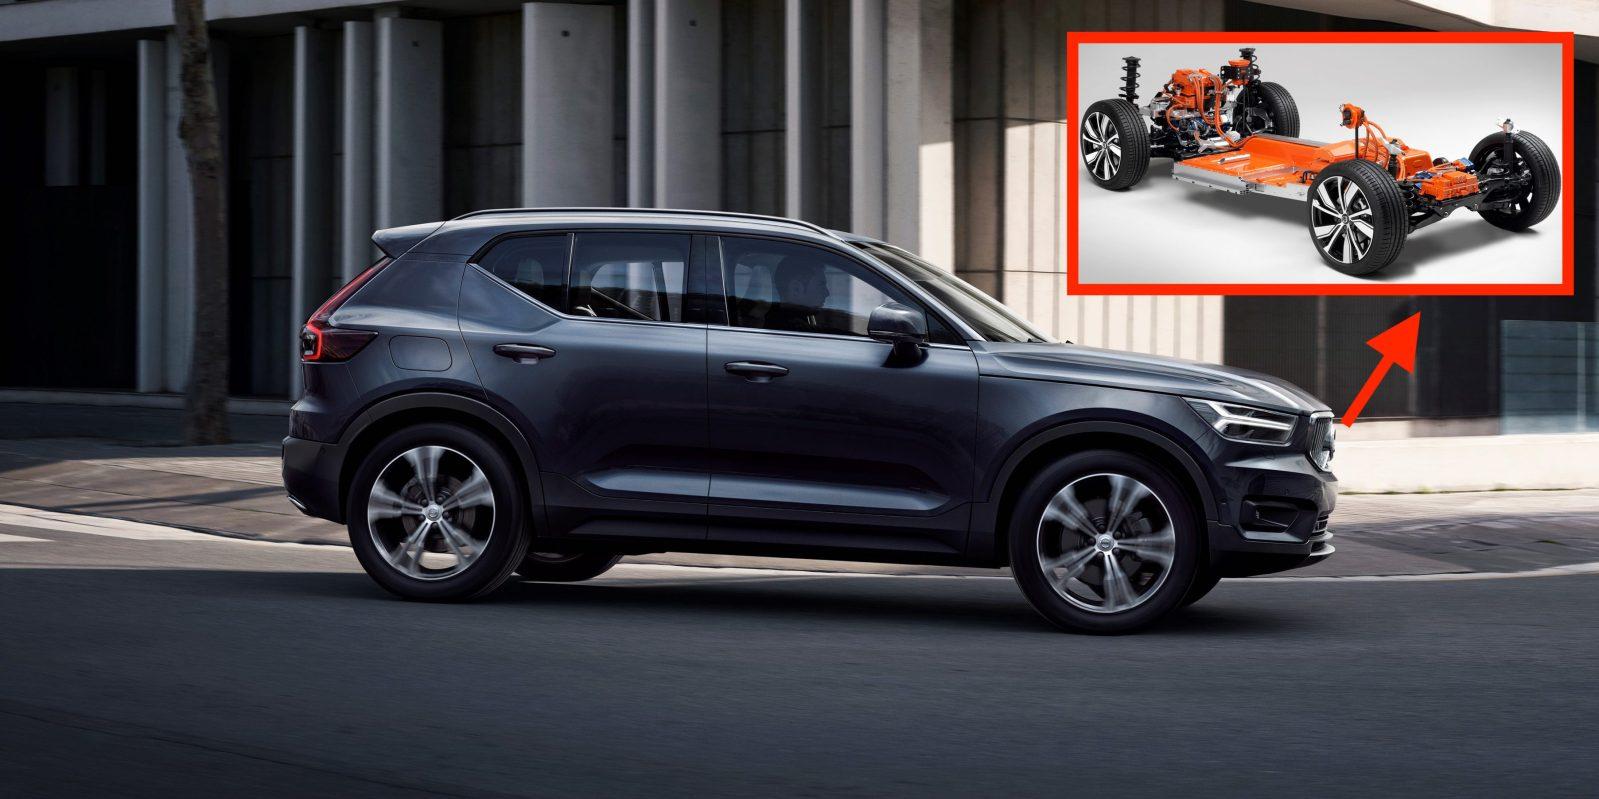 Volvo-XC40-electric.jpg?quality=82&strip=all&w=1600